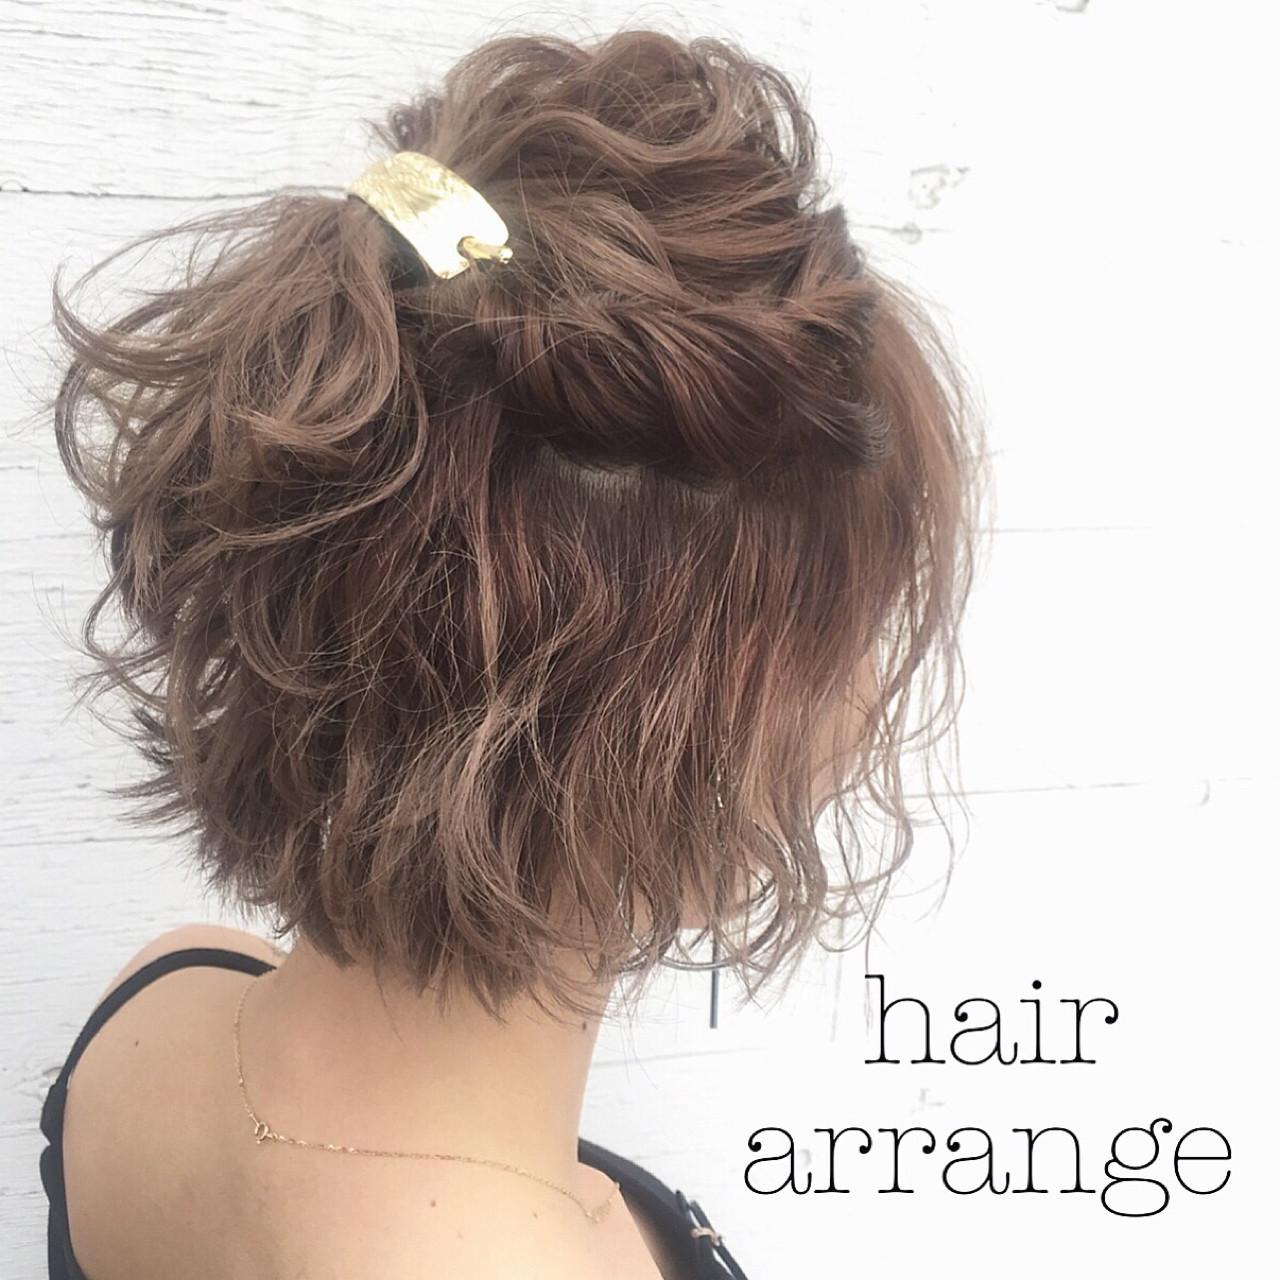 特別な日のスタイリング。意外と簡単にできるショートヘアアレンジ♡ 落合 健二